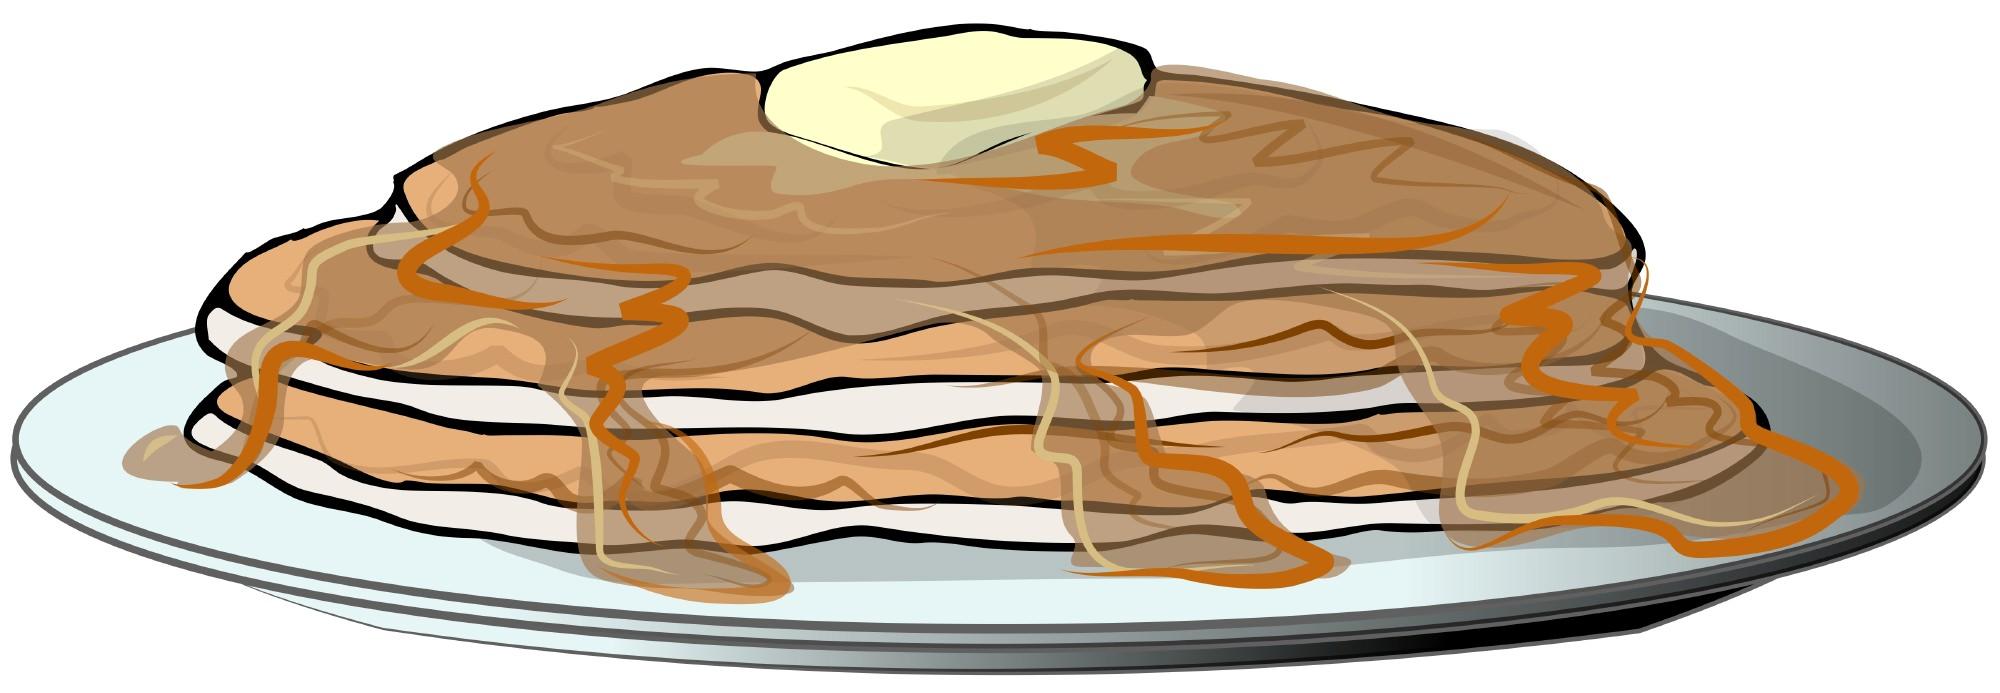 Pancake clipart pancake sausage Pancake clipart sausage Clipart Pancake